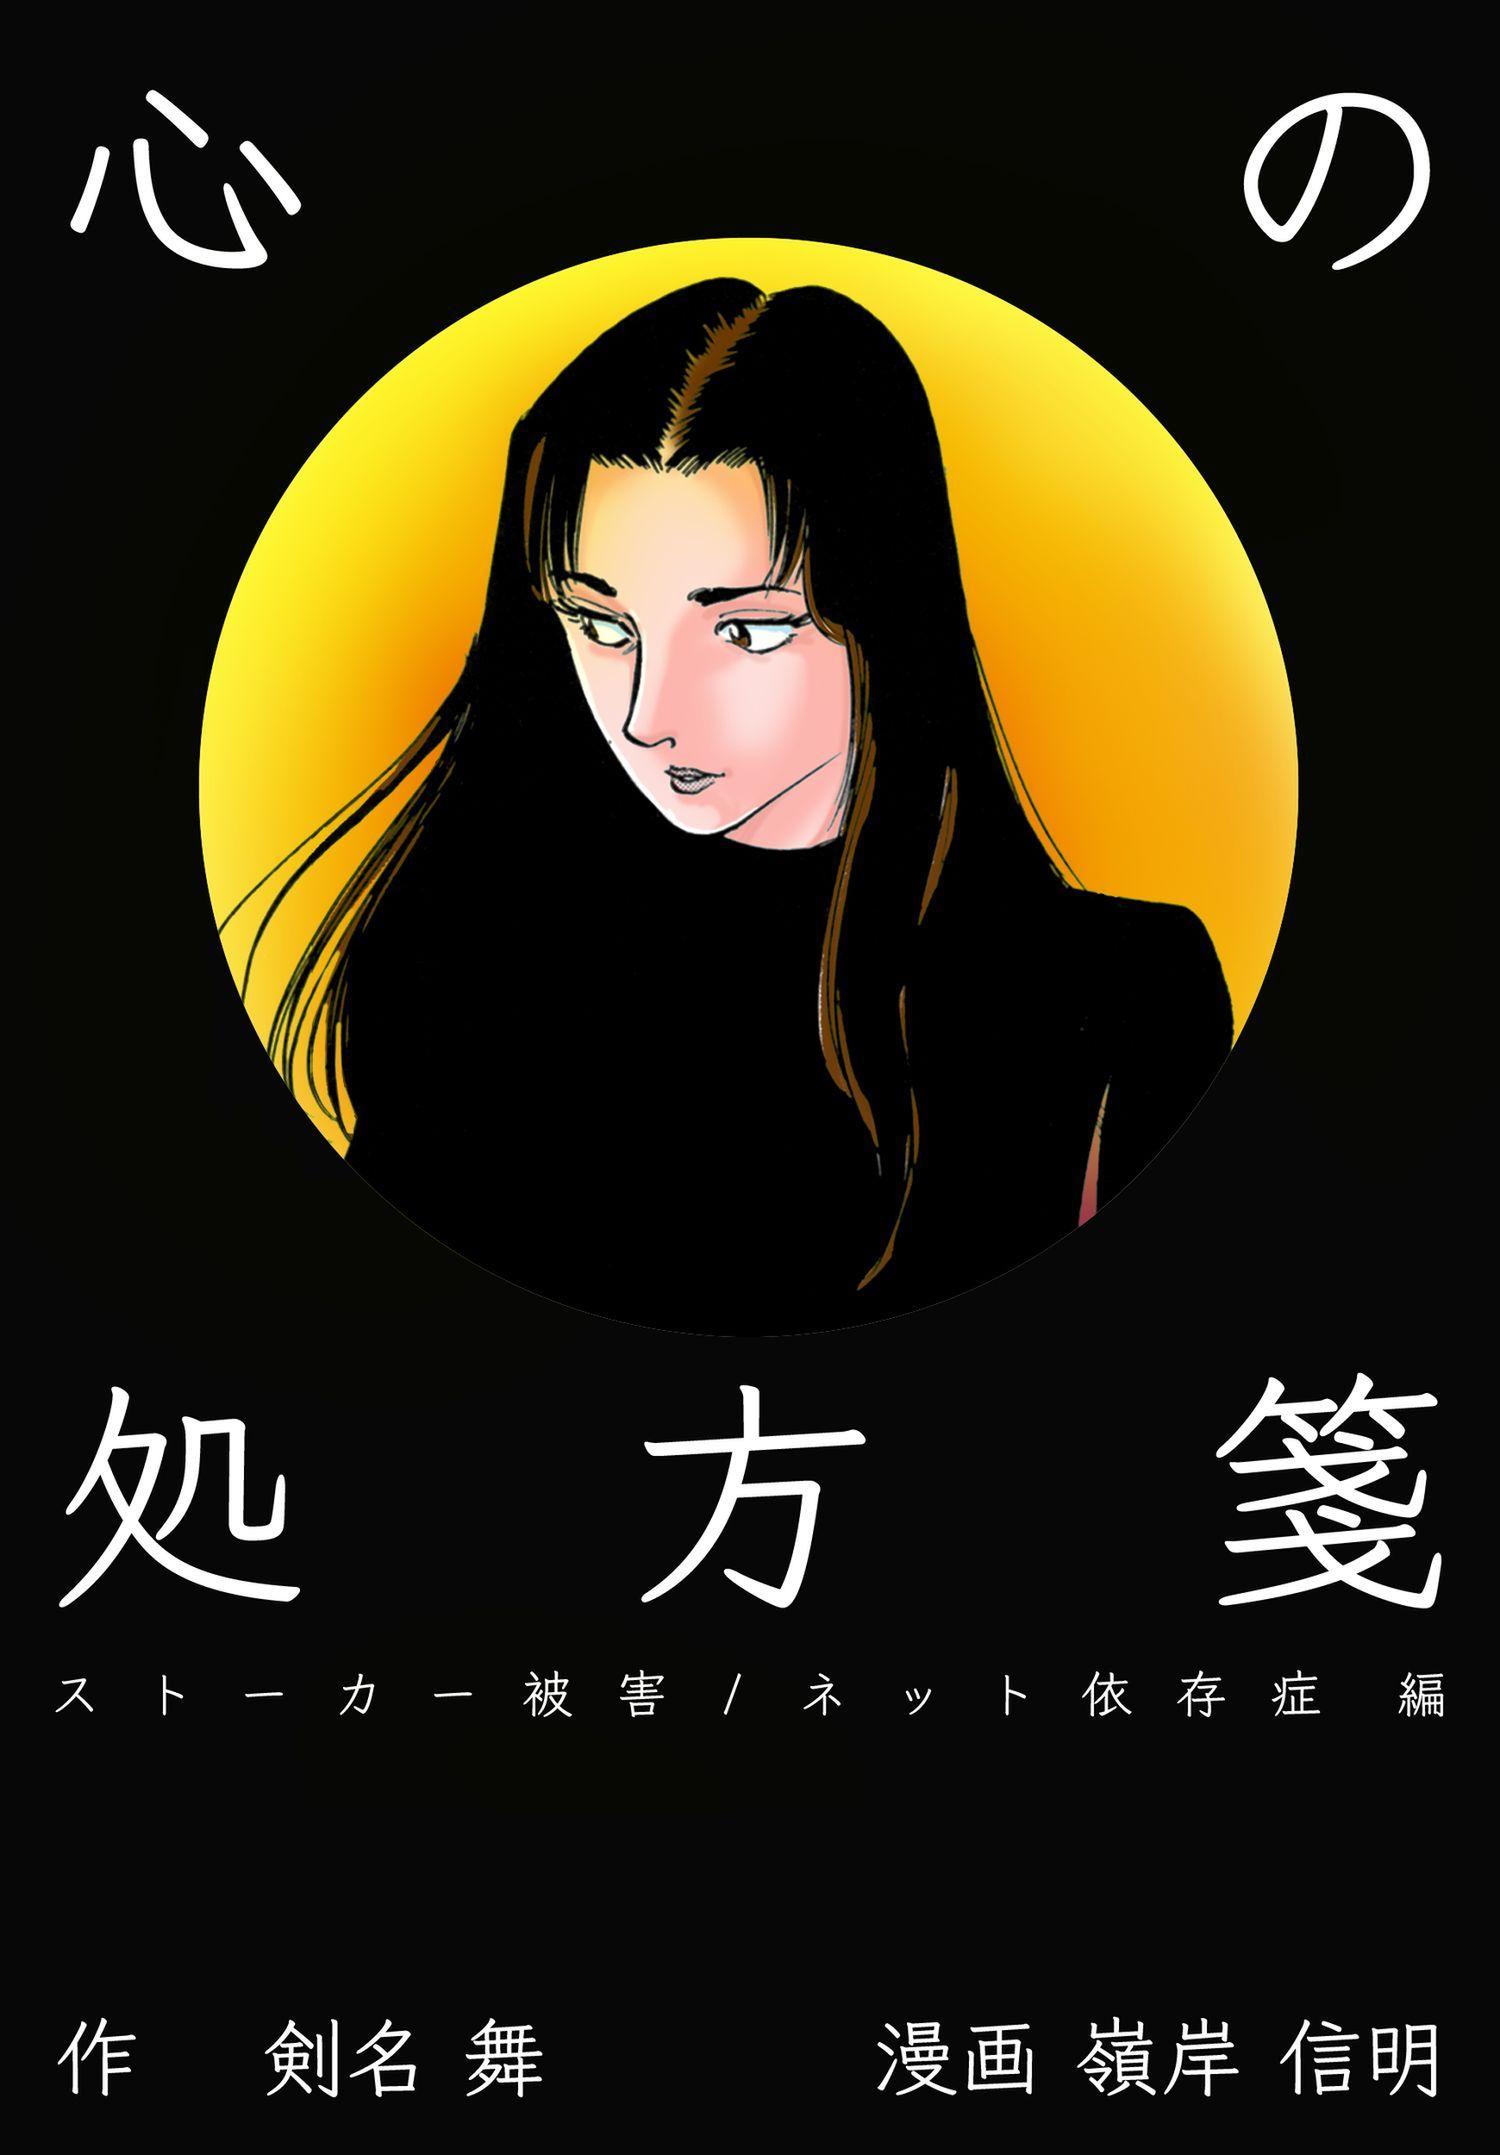 心の処方箋~ストーカー被害/ネット依存症編~(第1巻)